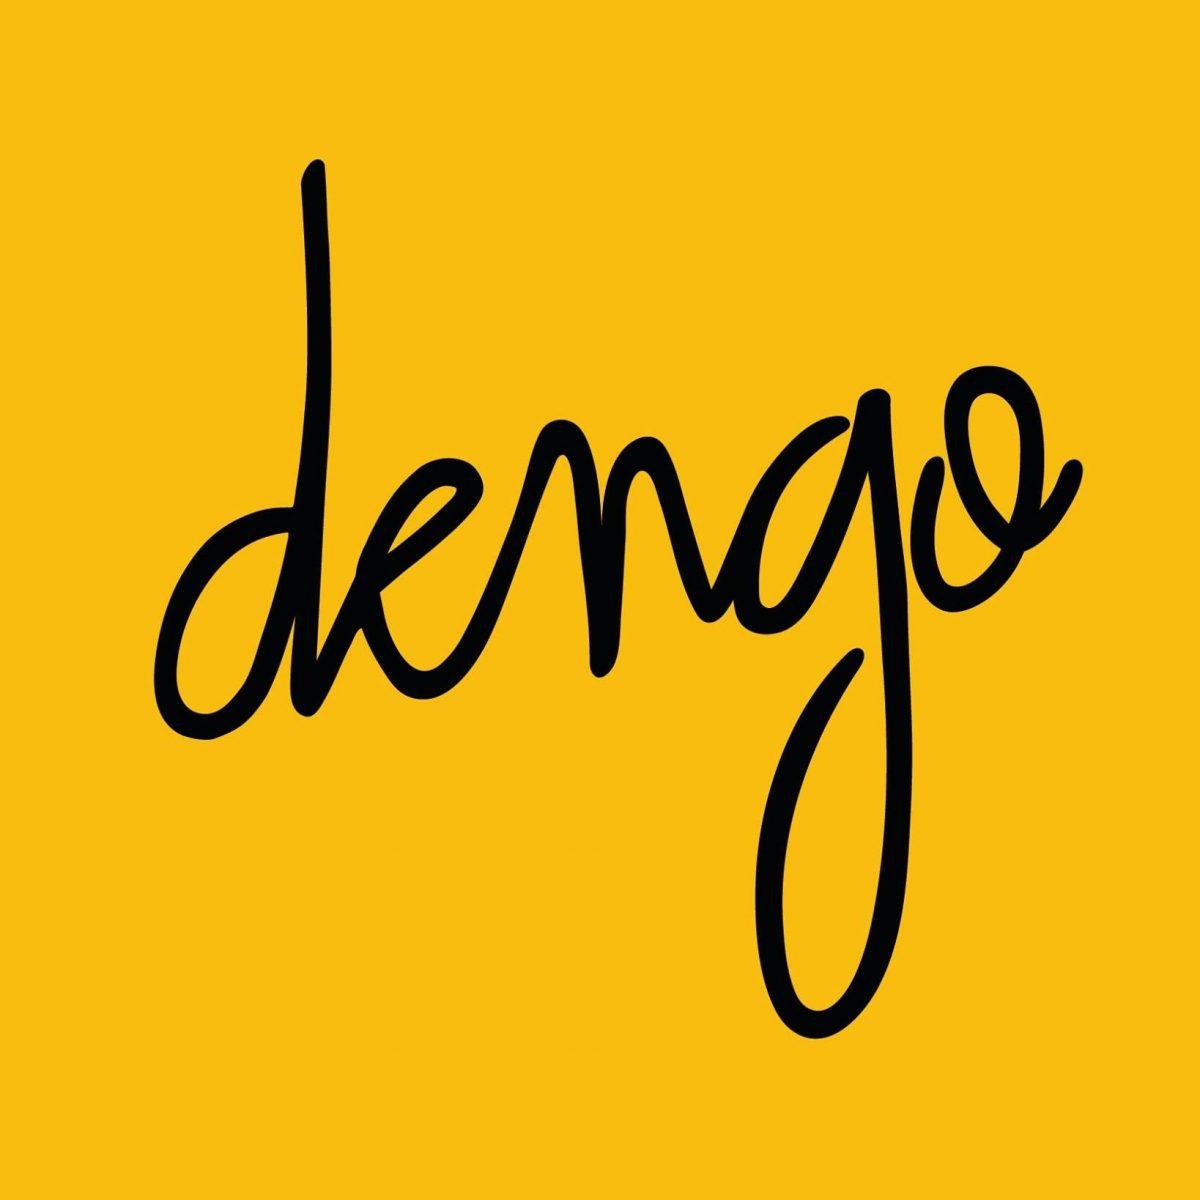 16. Dengo Chocolates (www.dengo.com) - Crédito: Reprodução Facebook/33Giga/ND